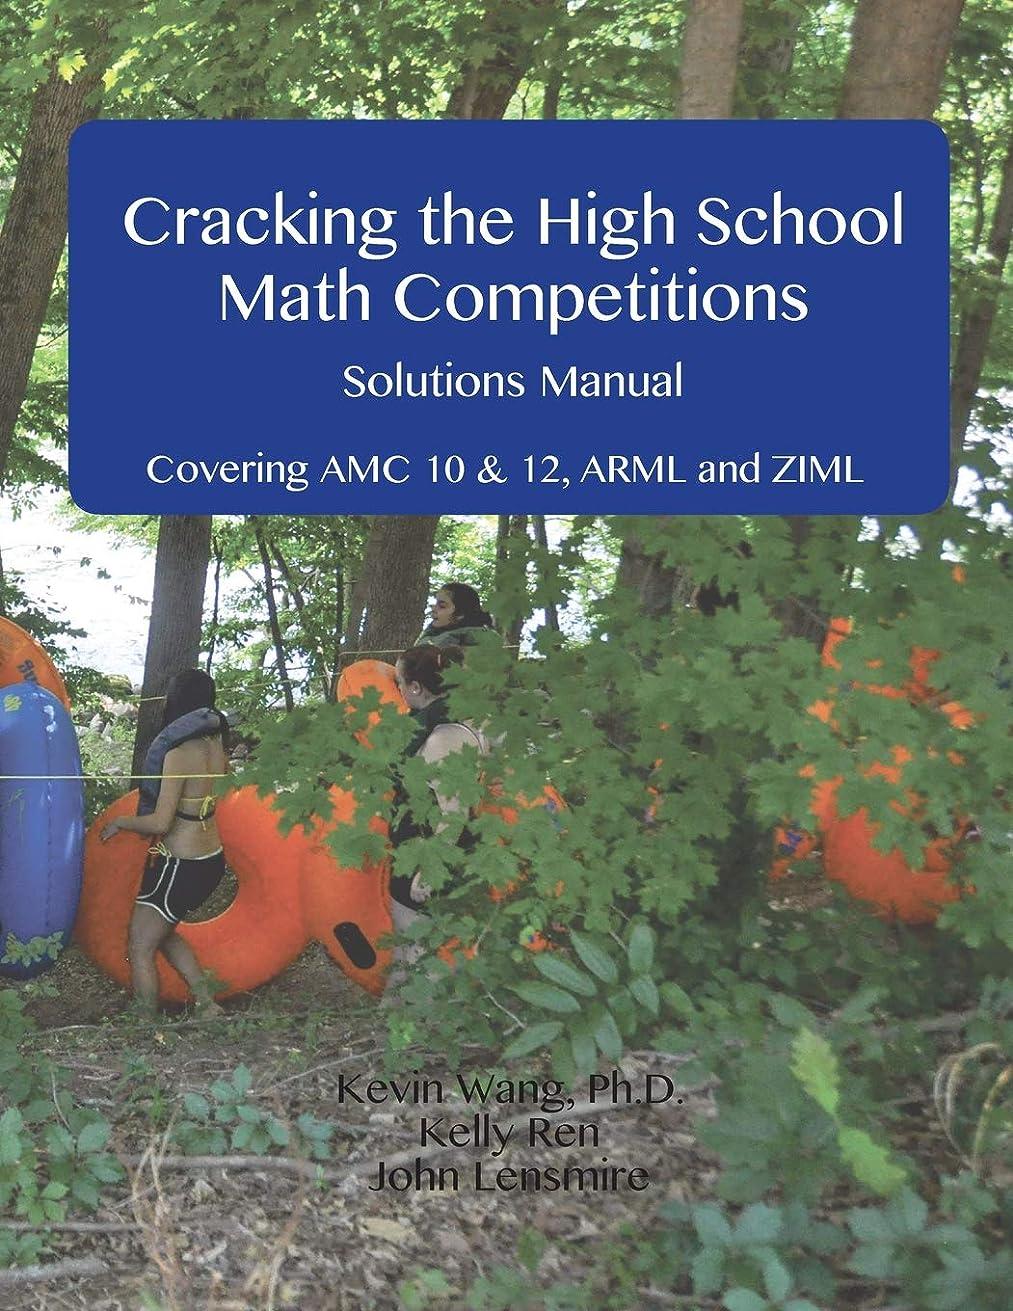 敵対的四回押すCracking the High School Math Competitions Solutions Manual: Covering AMC 10 & 12, ARML, and ZIML